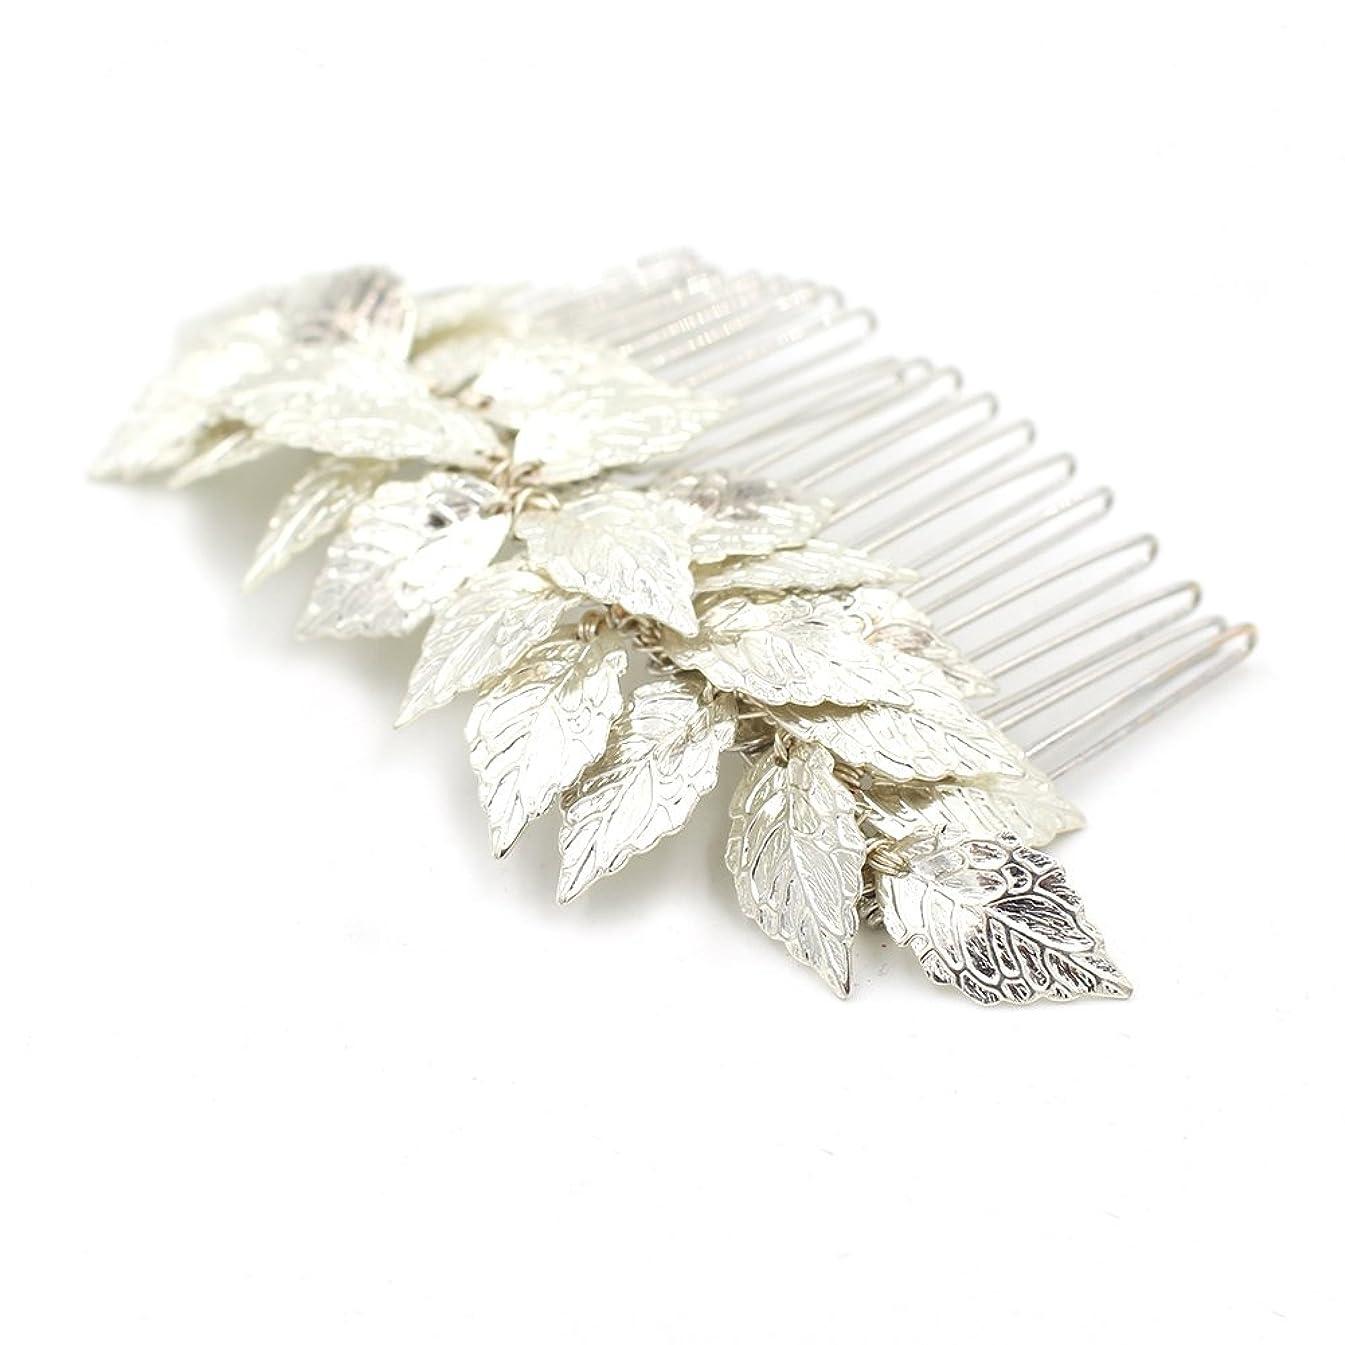 LISALI Leaf Hair Comb Bridal Vine Headpiece Wedding Grecian Hairpiece Laurel Leaf Accessory (Silver)